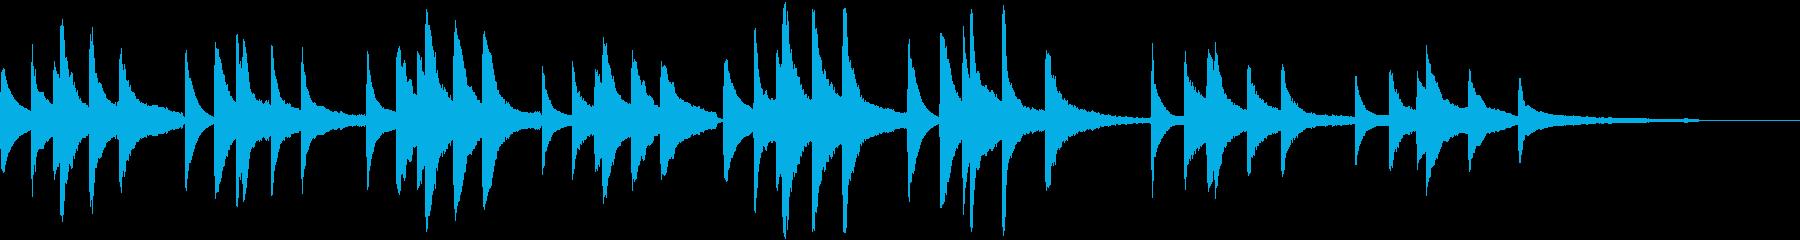 前奏曲第7番/ショパン【ピアノソロ】の再生済みの波形